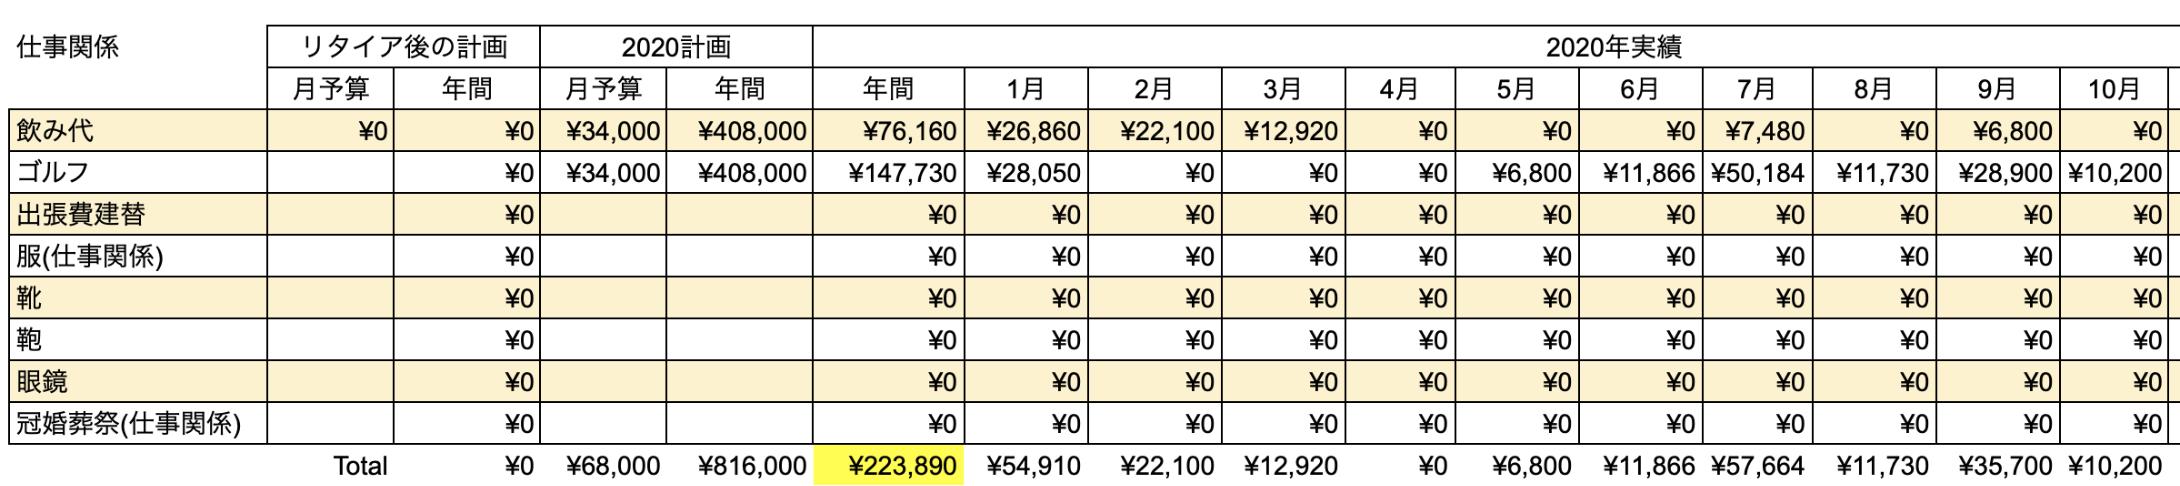 支出実績2020_10月_仕事関係費